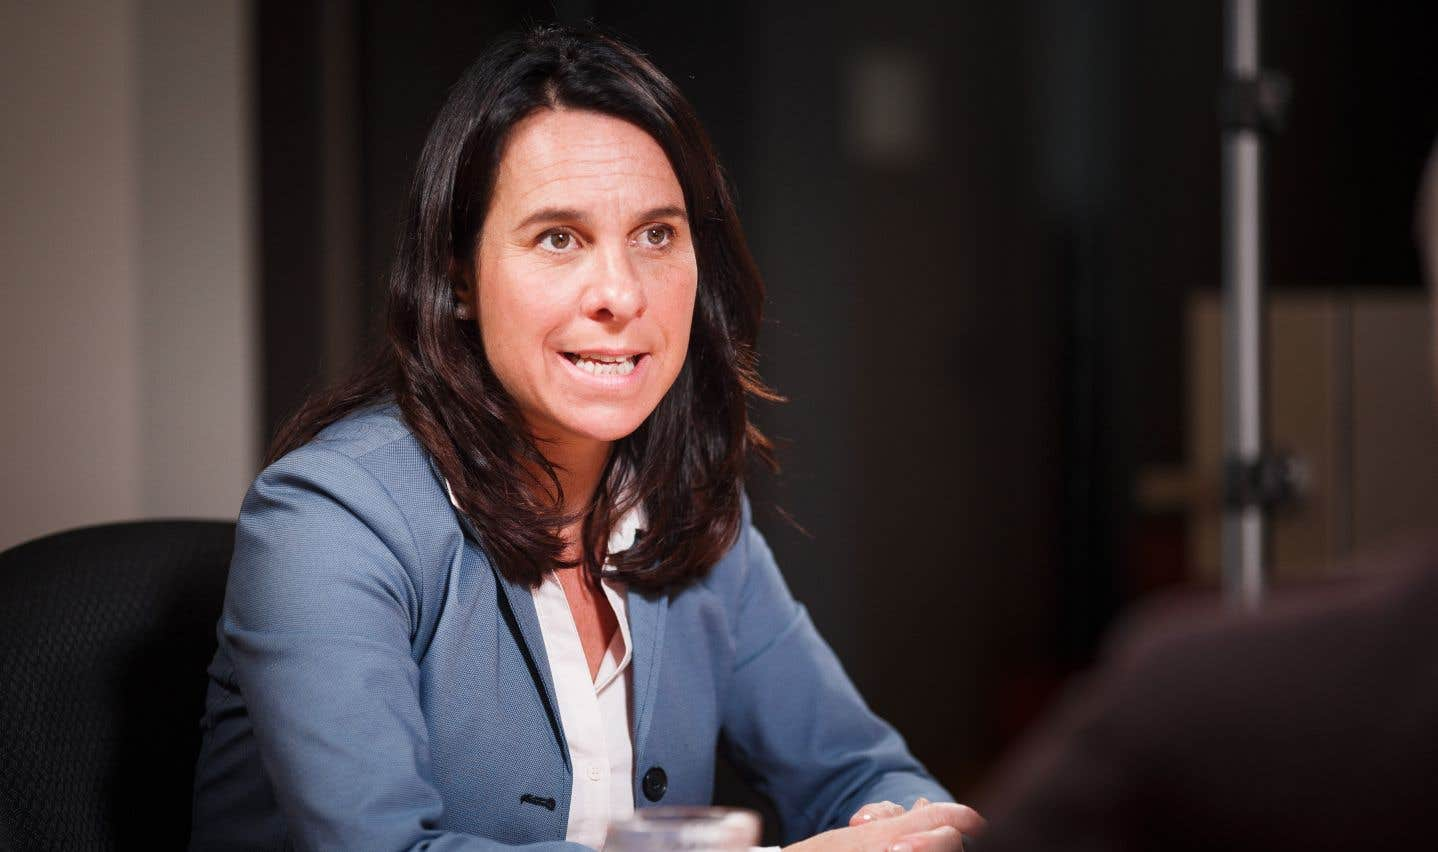 Valérie Plante inviterait des élus de l'opposition dans son comité exécutif